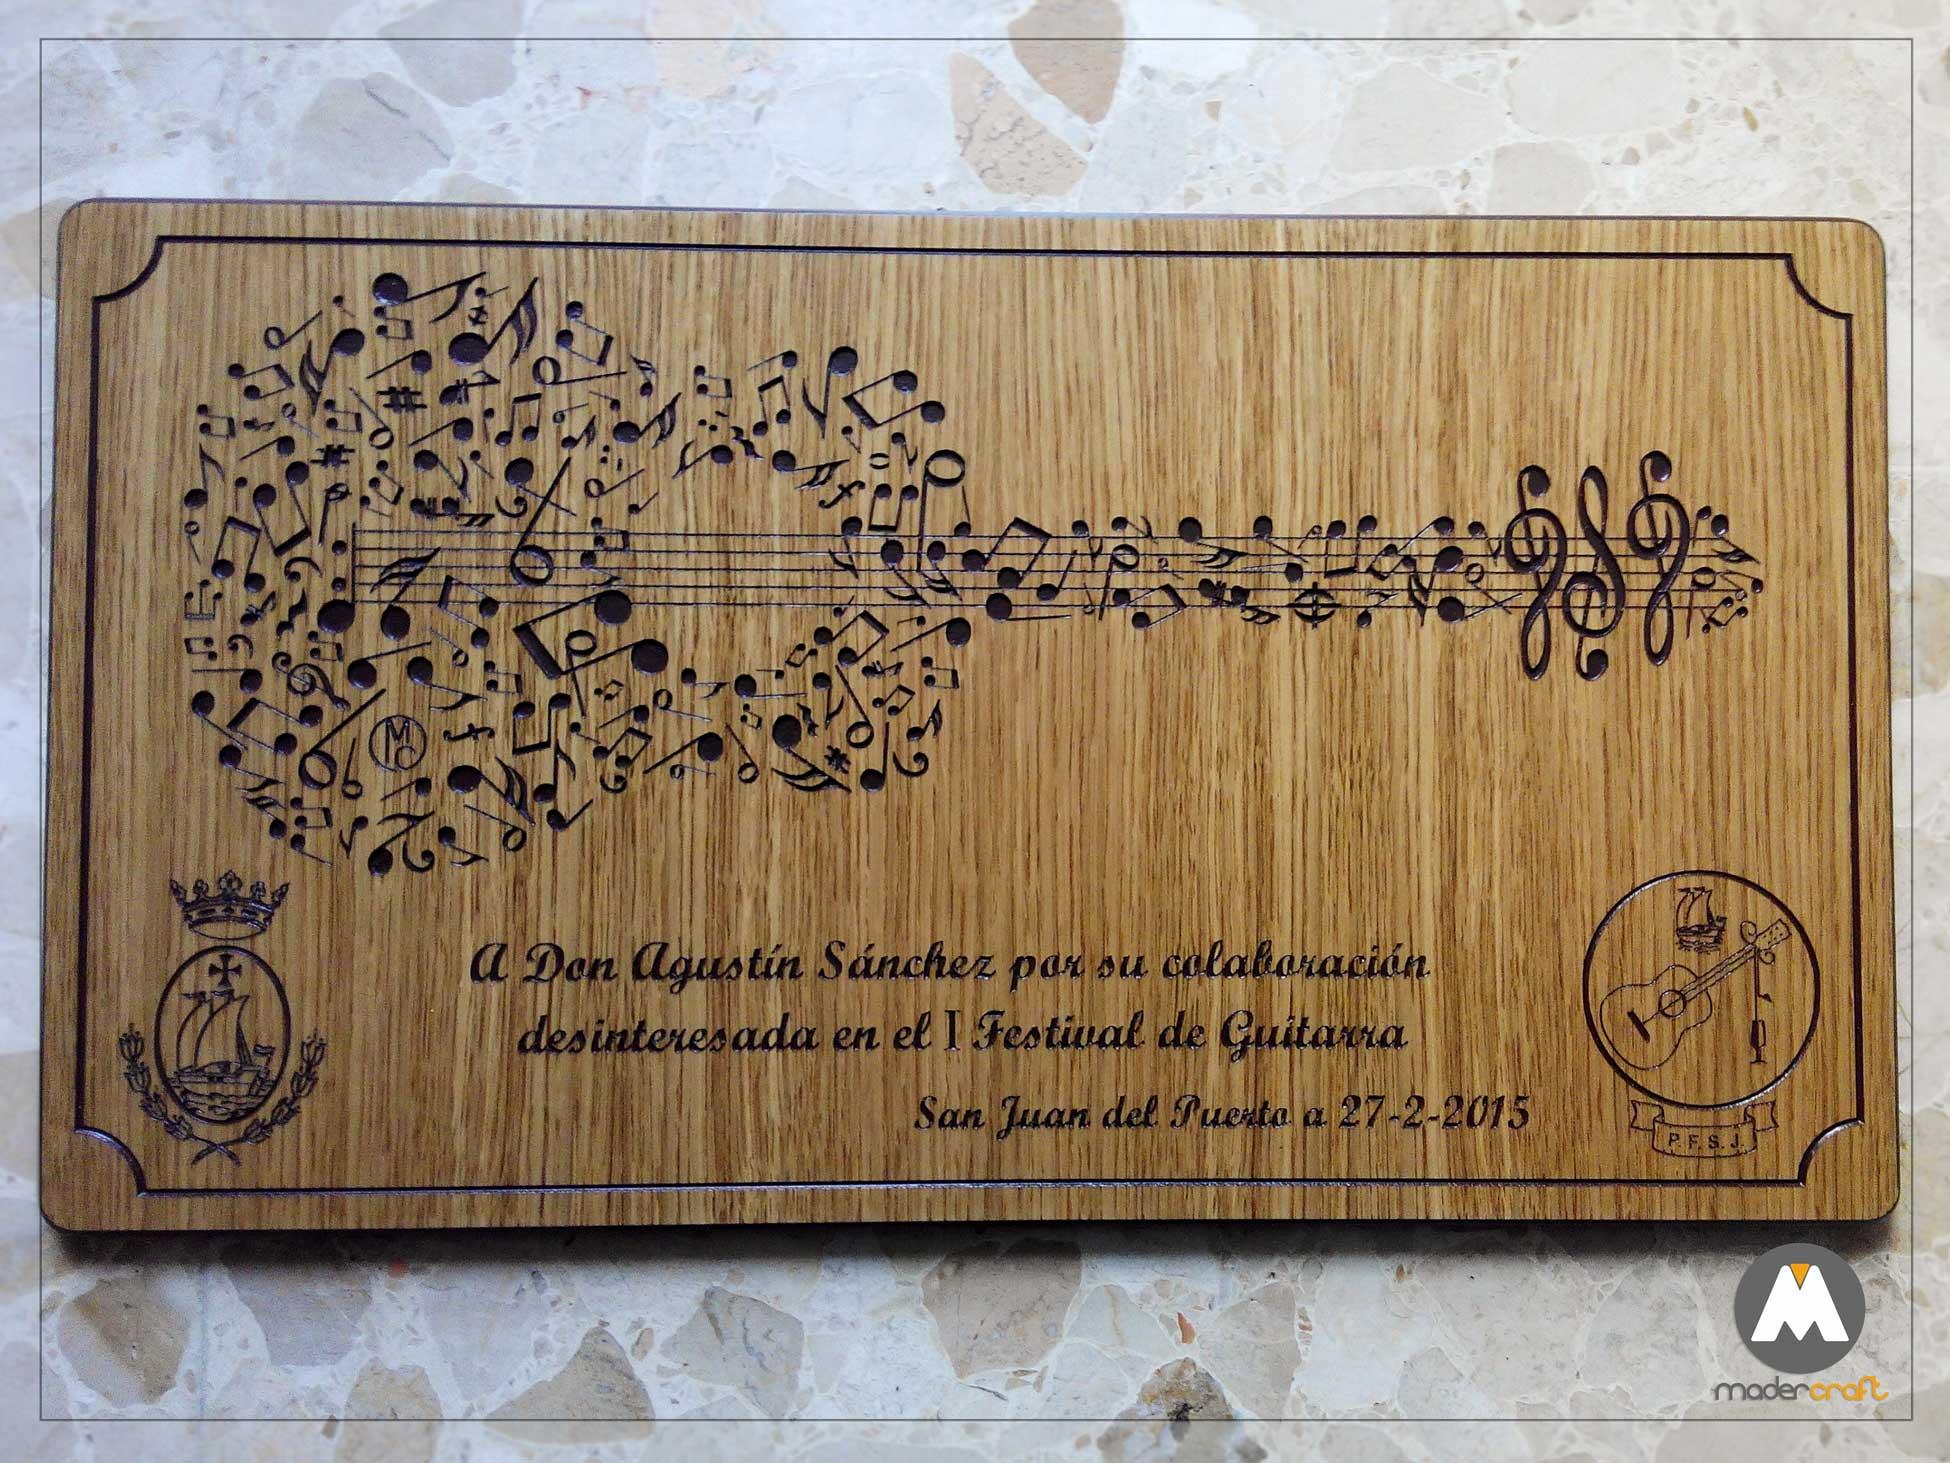 Placa Madera Agradecimiento Peña Flamenca, madera DM rechapada en roble, guitarra flamenca con notas musicales, logotipo, escudo San Juan del Puerto, Huelva. tallada, reconocimiento, homenaje.